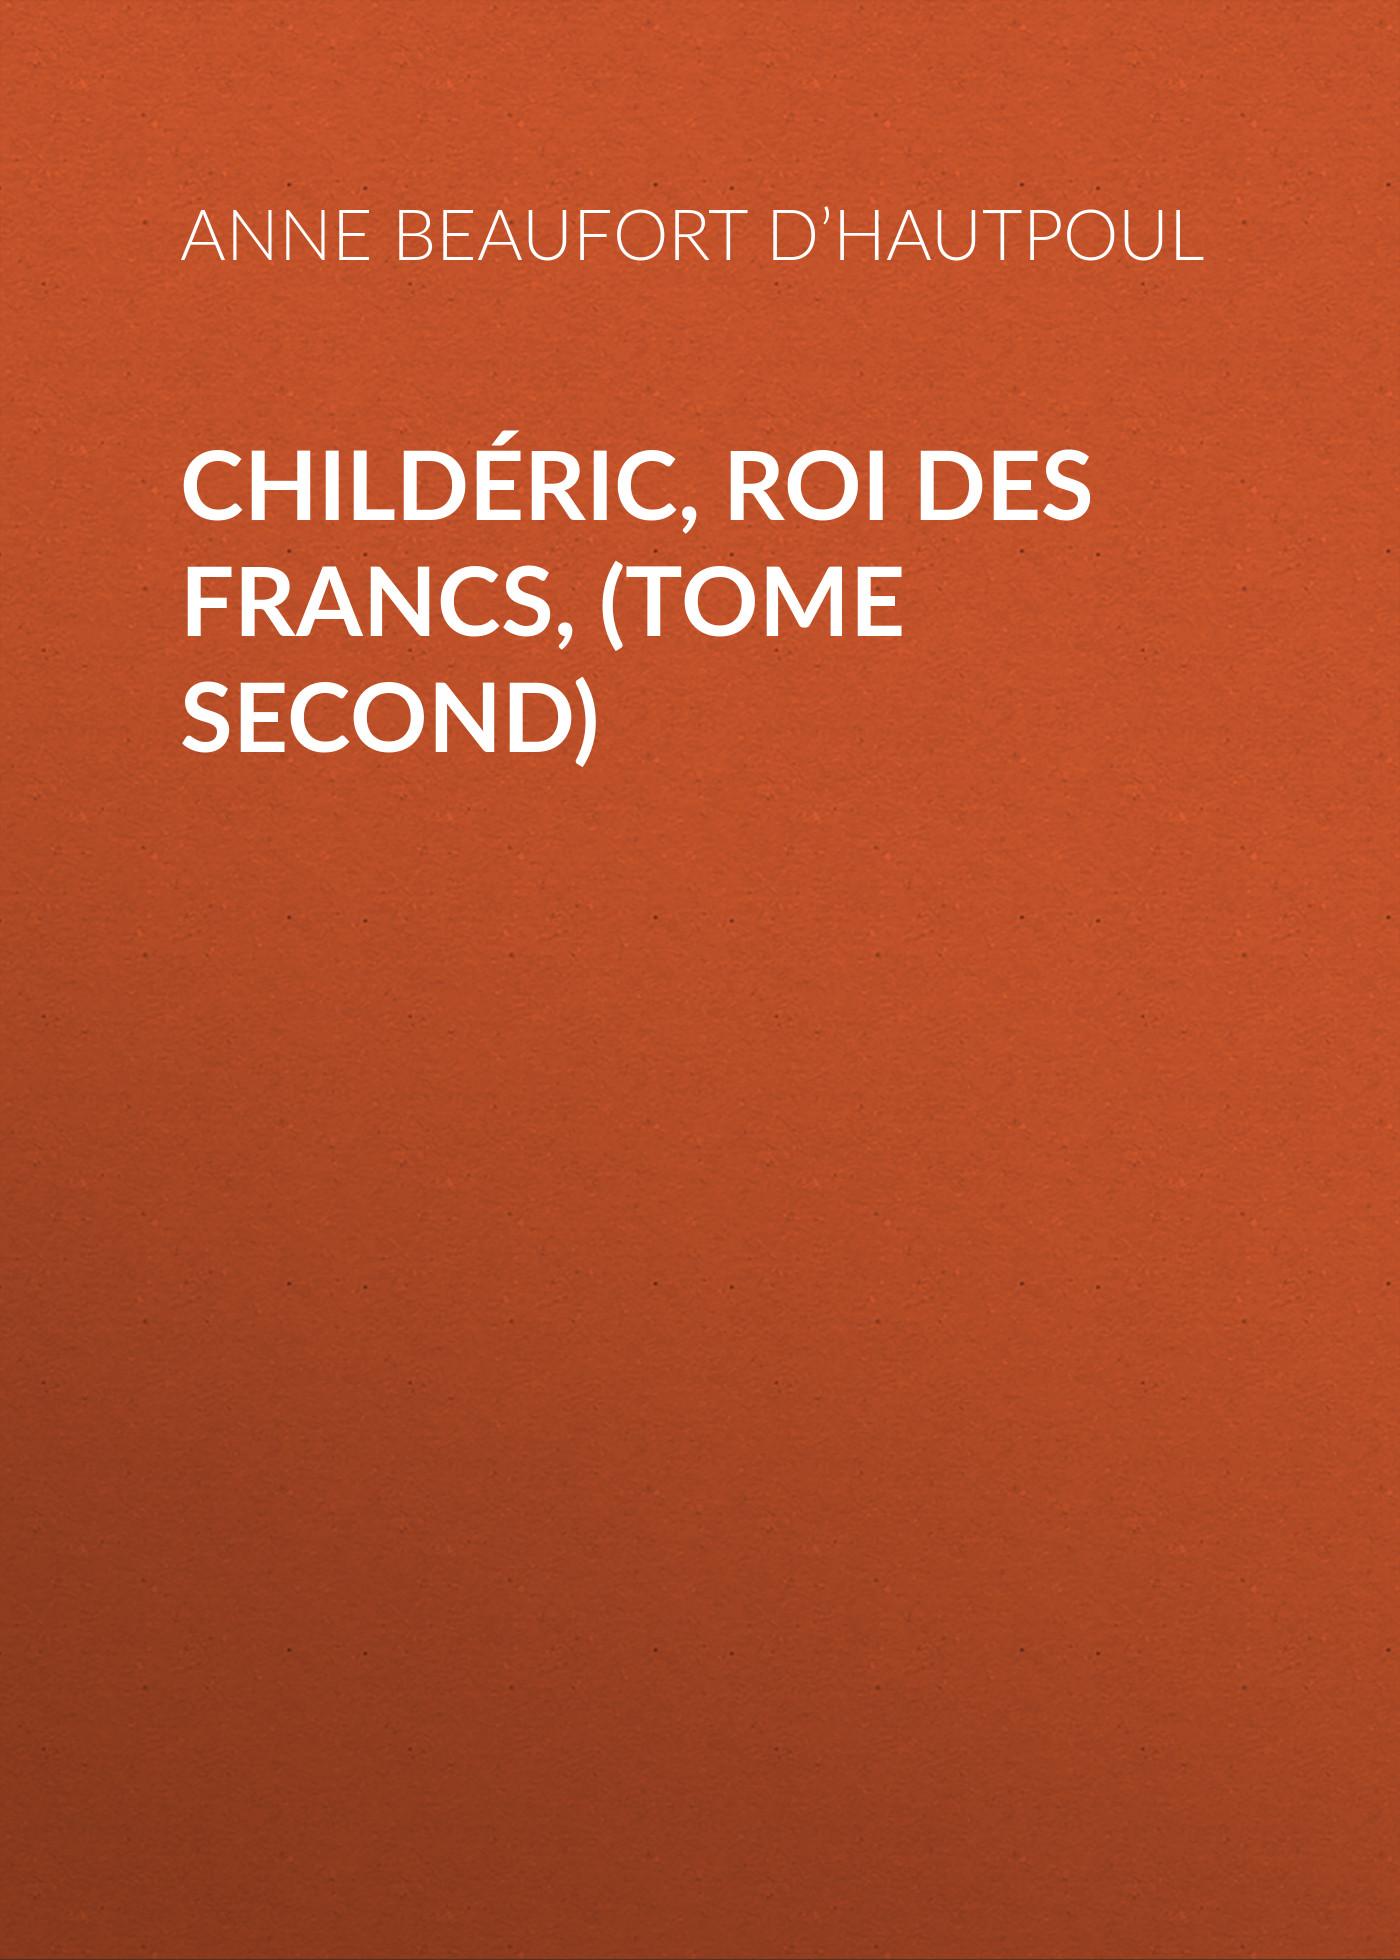 где купить Comtesse de Beaufort d'Hautpoul Anne Marie Childéric, Roi des Francs, (tome second) по лучшей цене